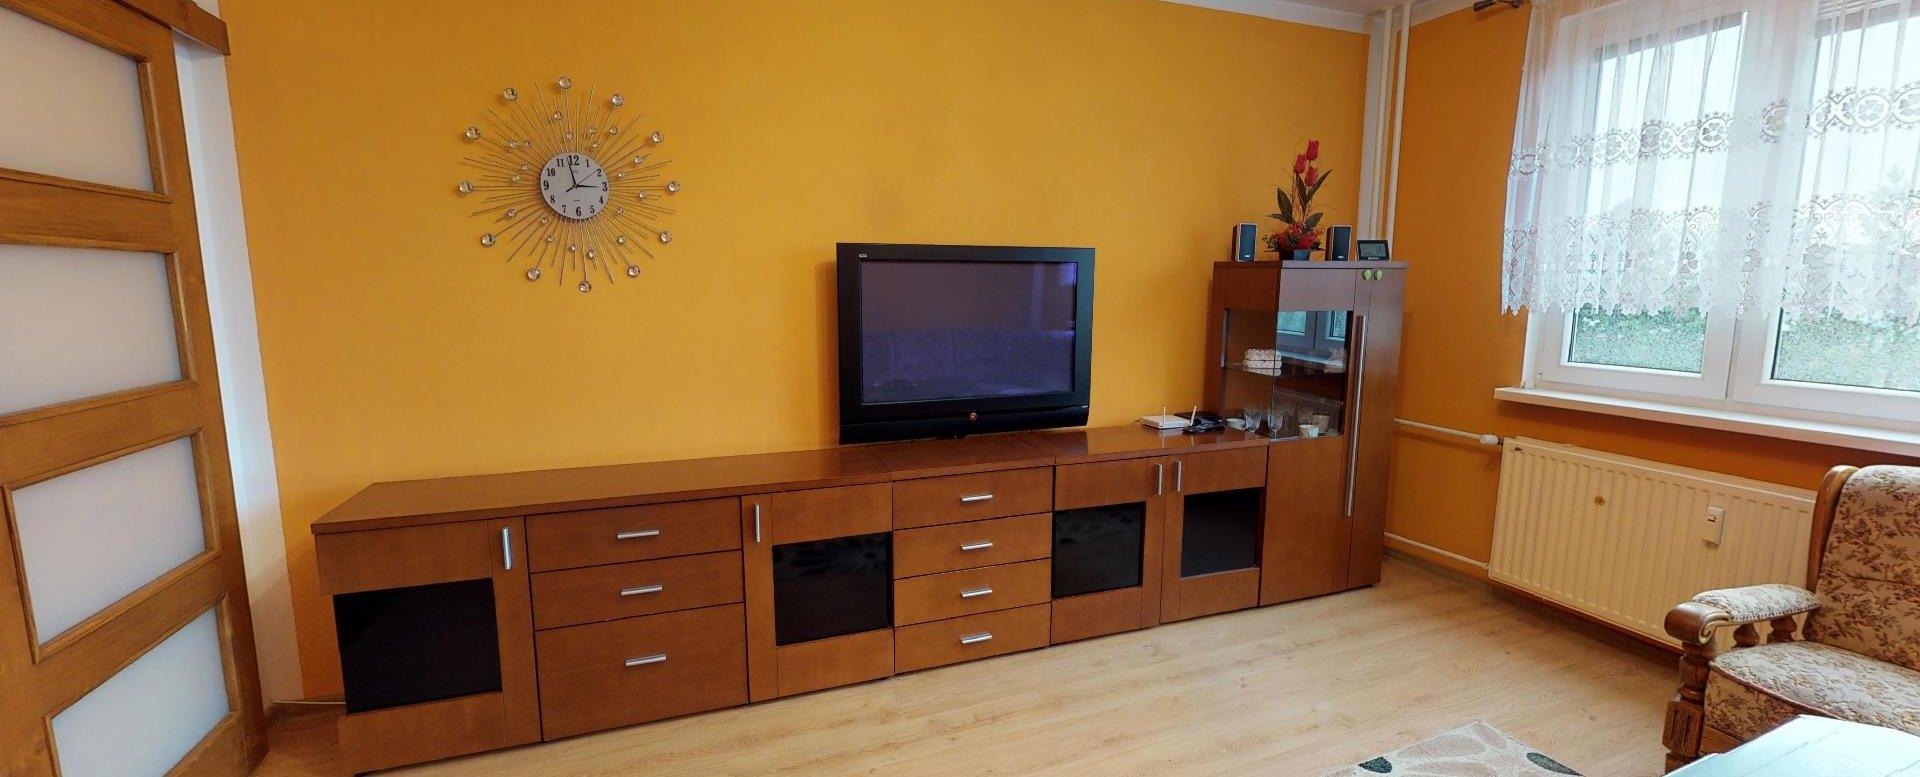 Nábytok a tv v obývacej izbe